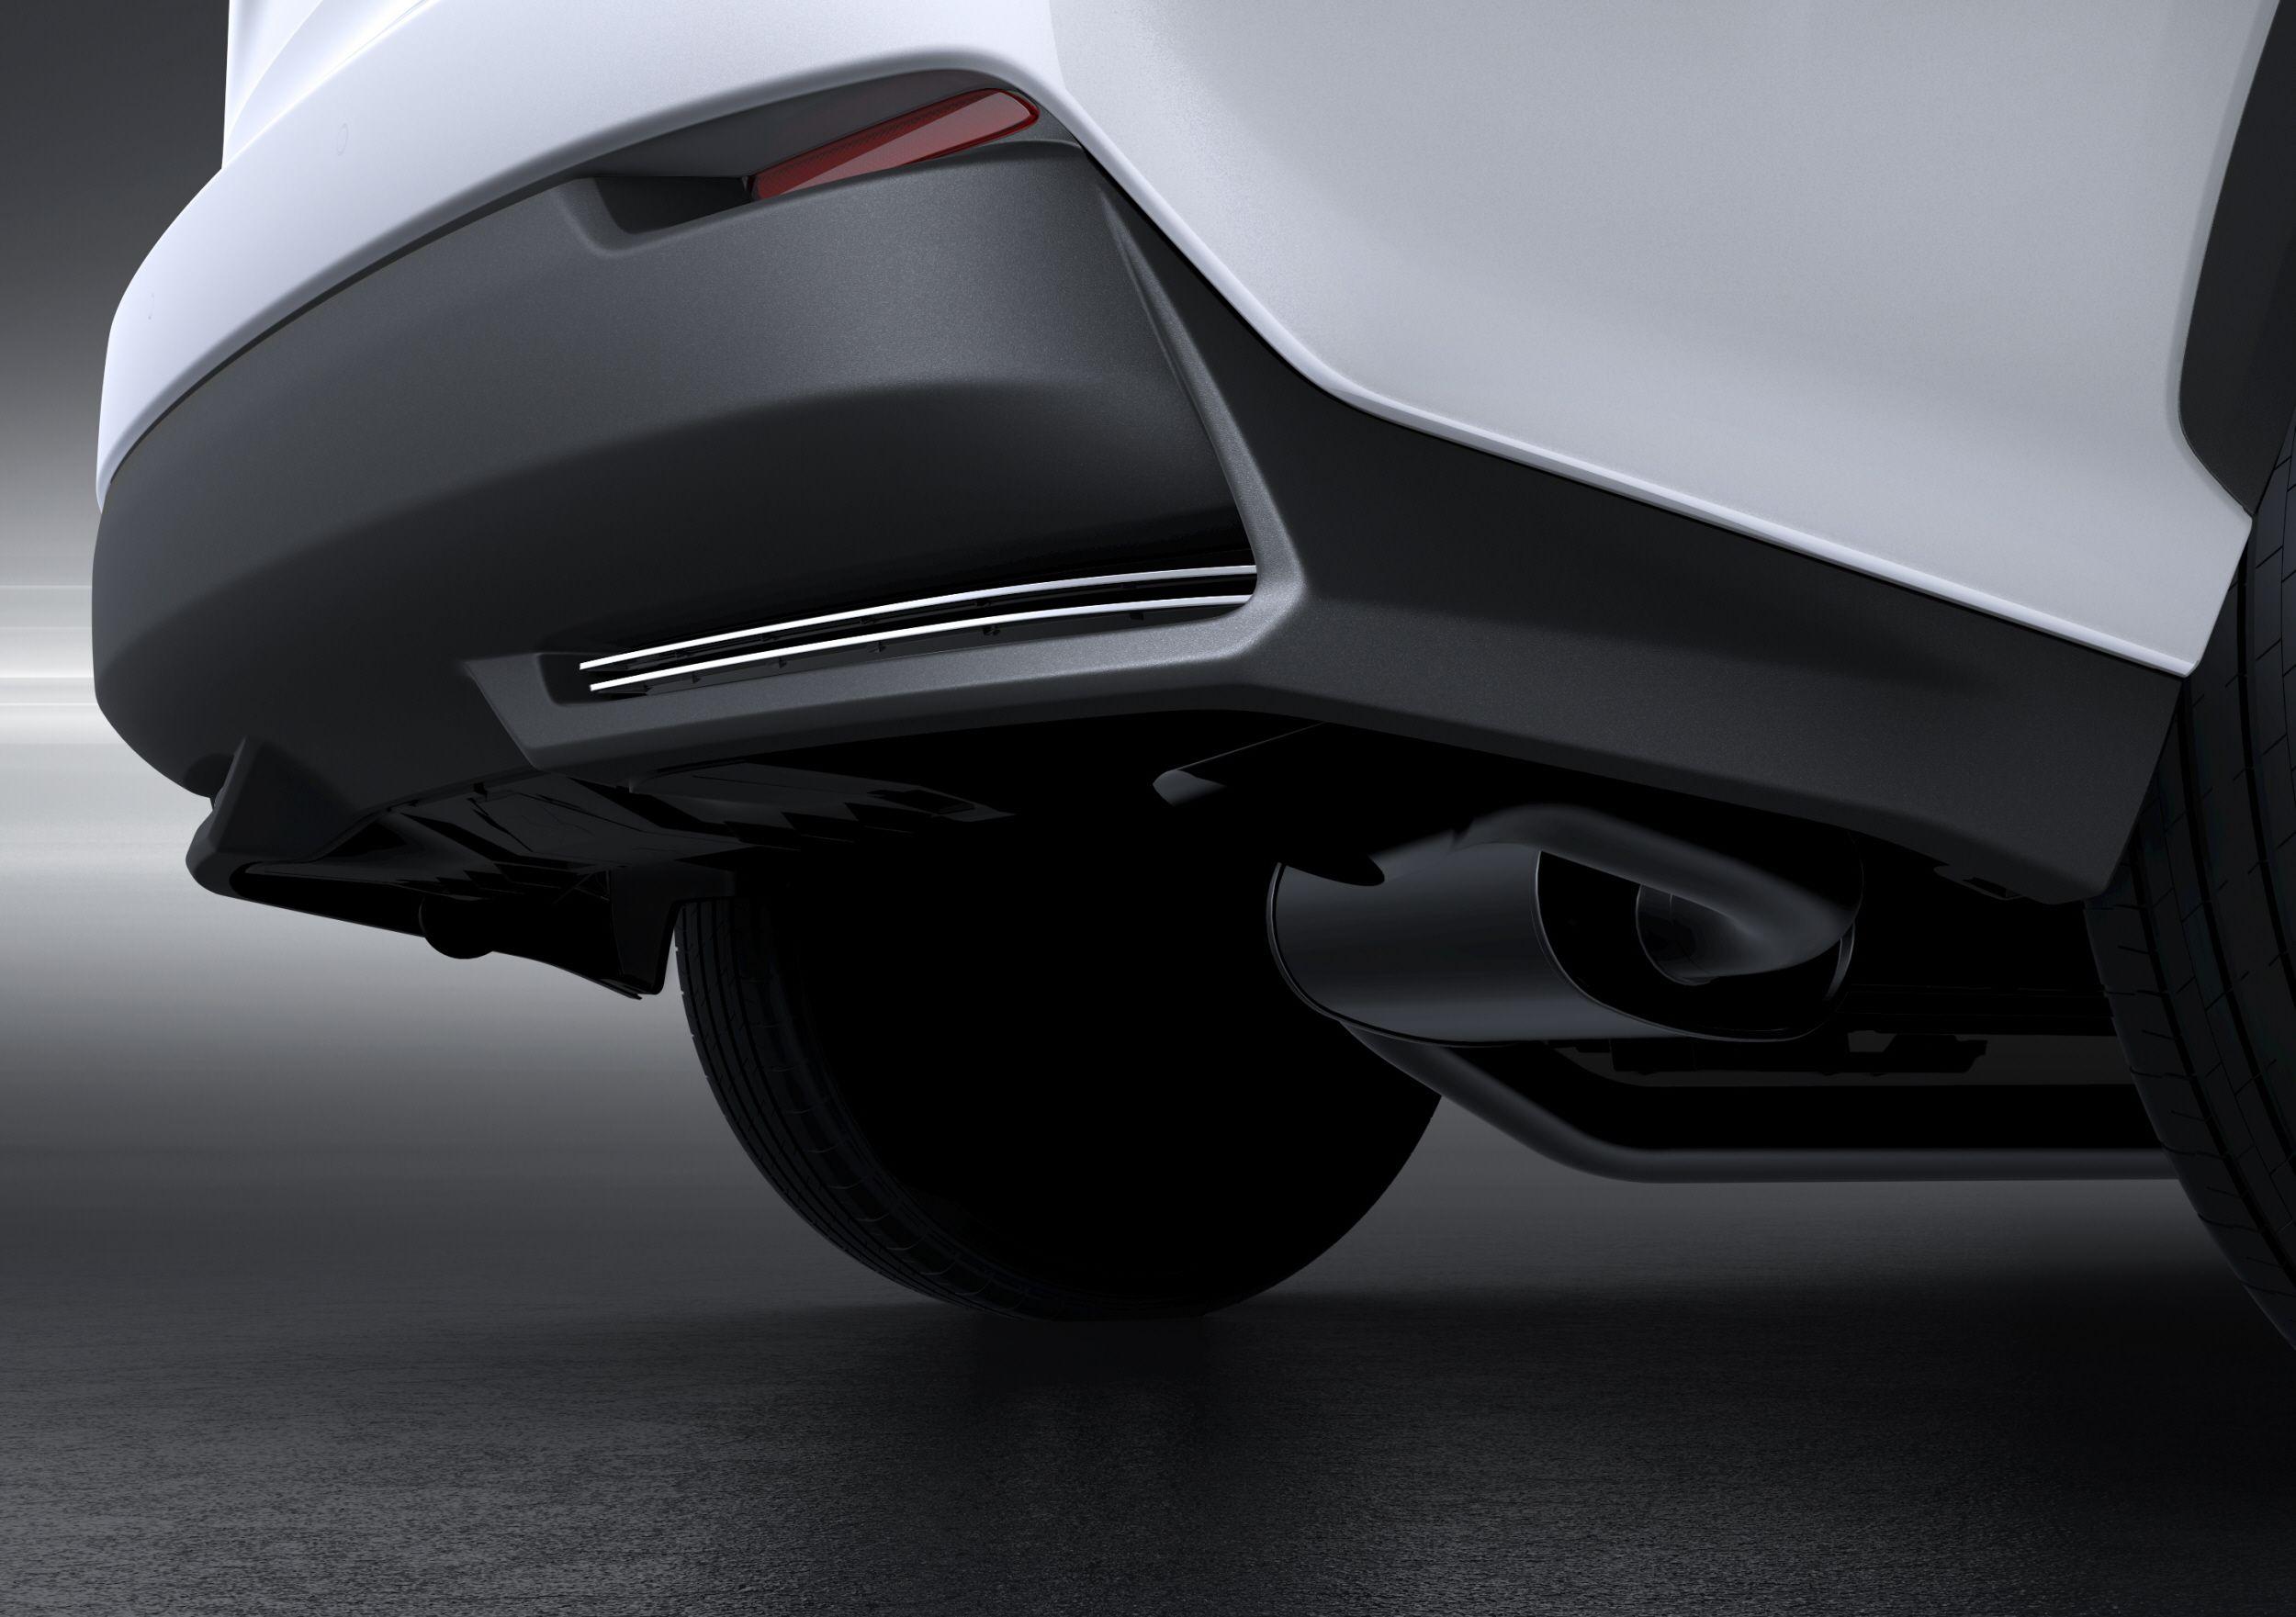 2014 베이징모터쇼에서 세계 최초로 공개된 컴팩트 크로스오버 렉서스 NX 300h .   Lexus Facebook ▶ www.facebook.com/lexusKR   #Lexus #LexusNX #NX #NX300h #BeijingMotorshow #Car